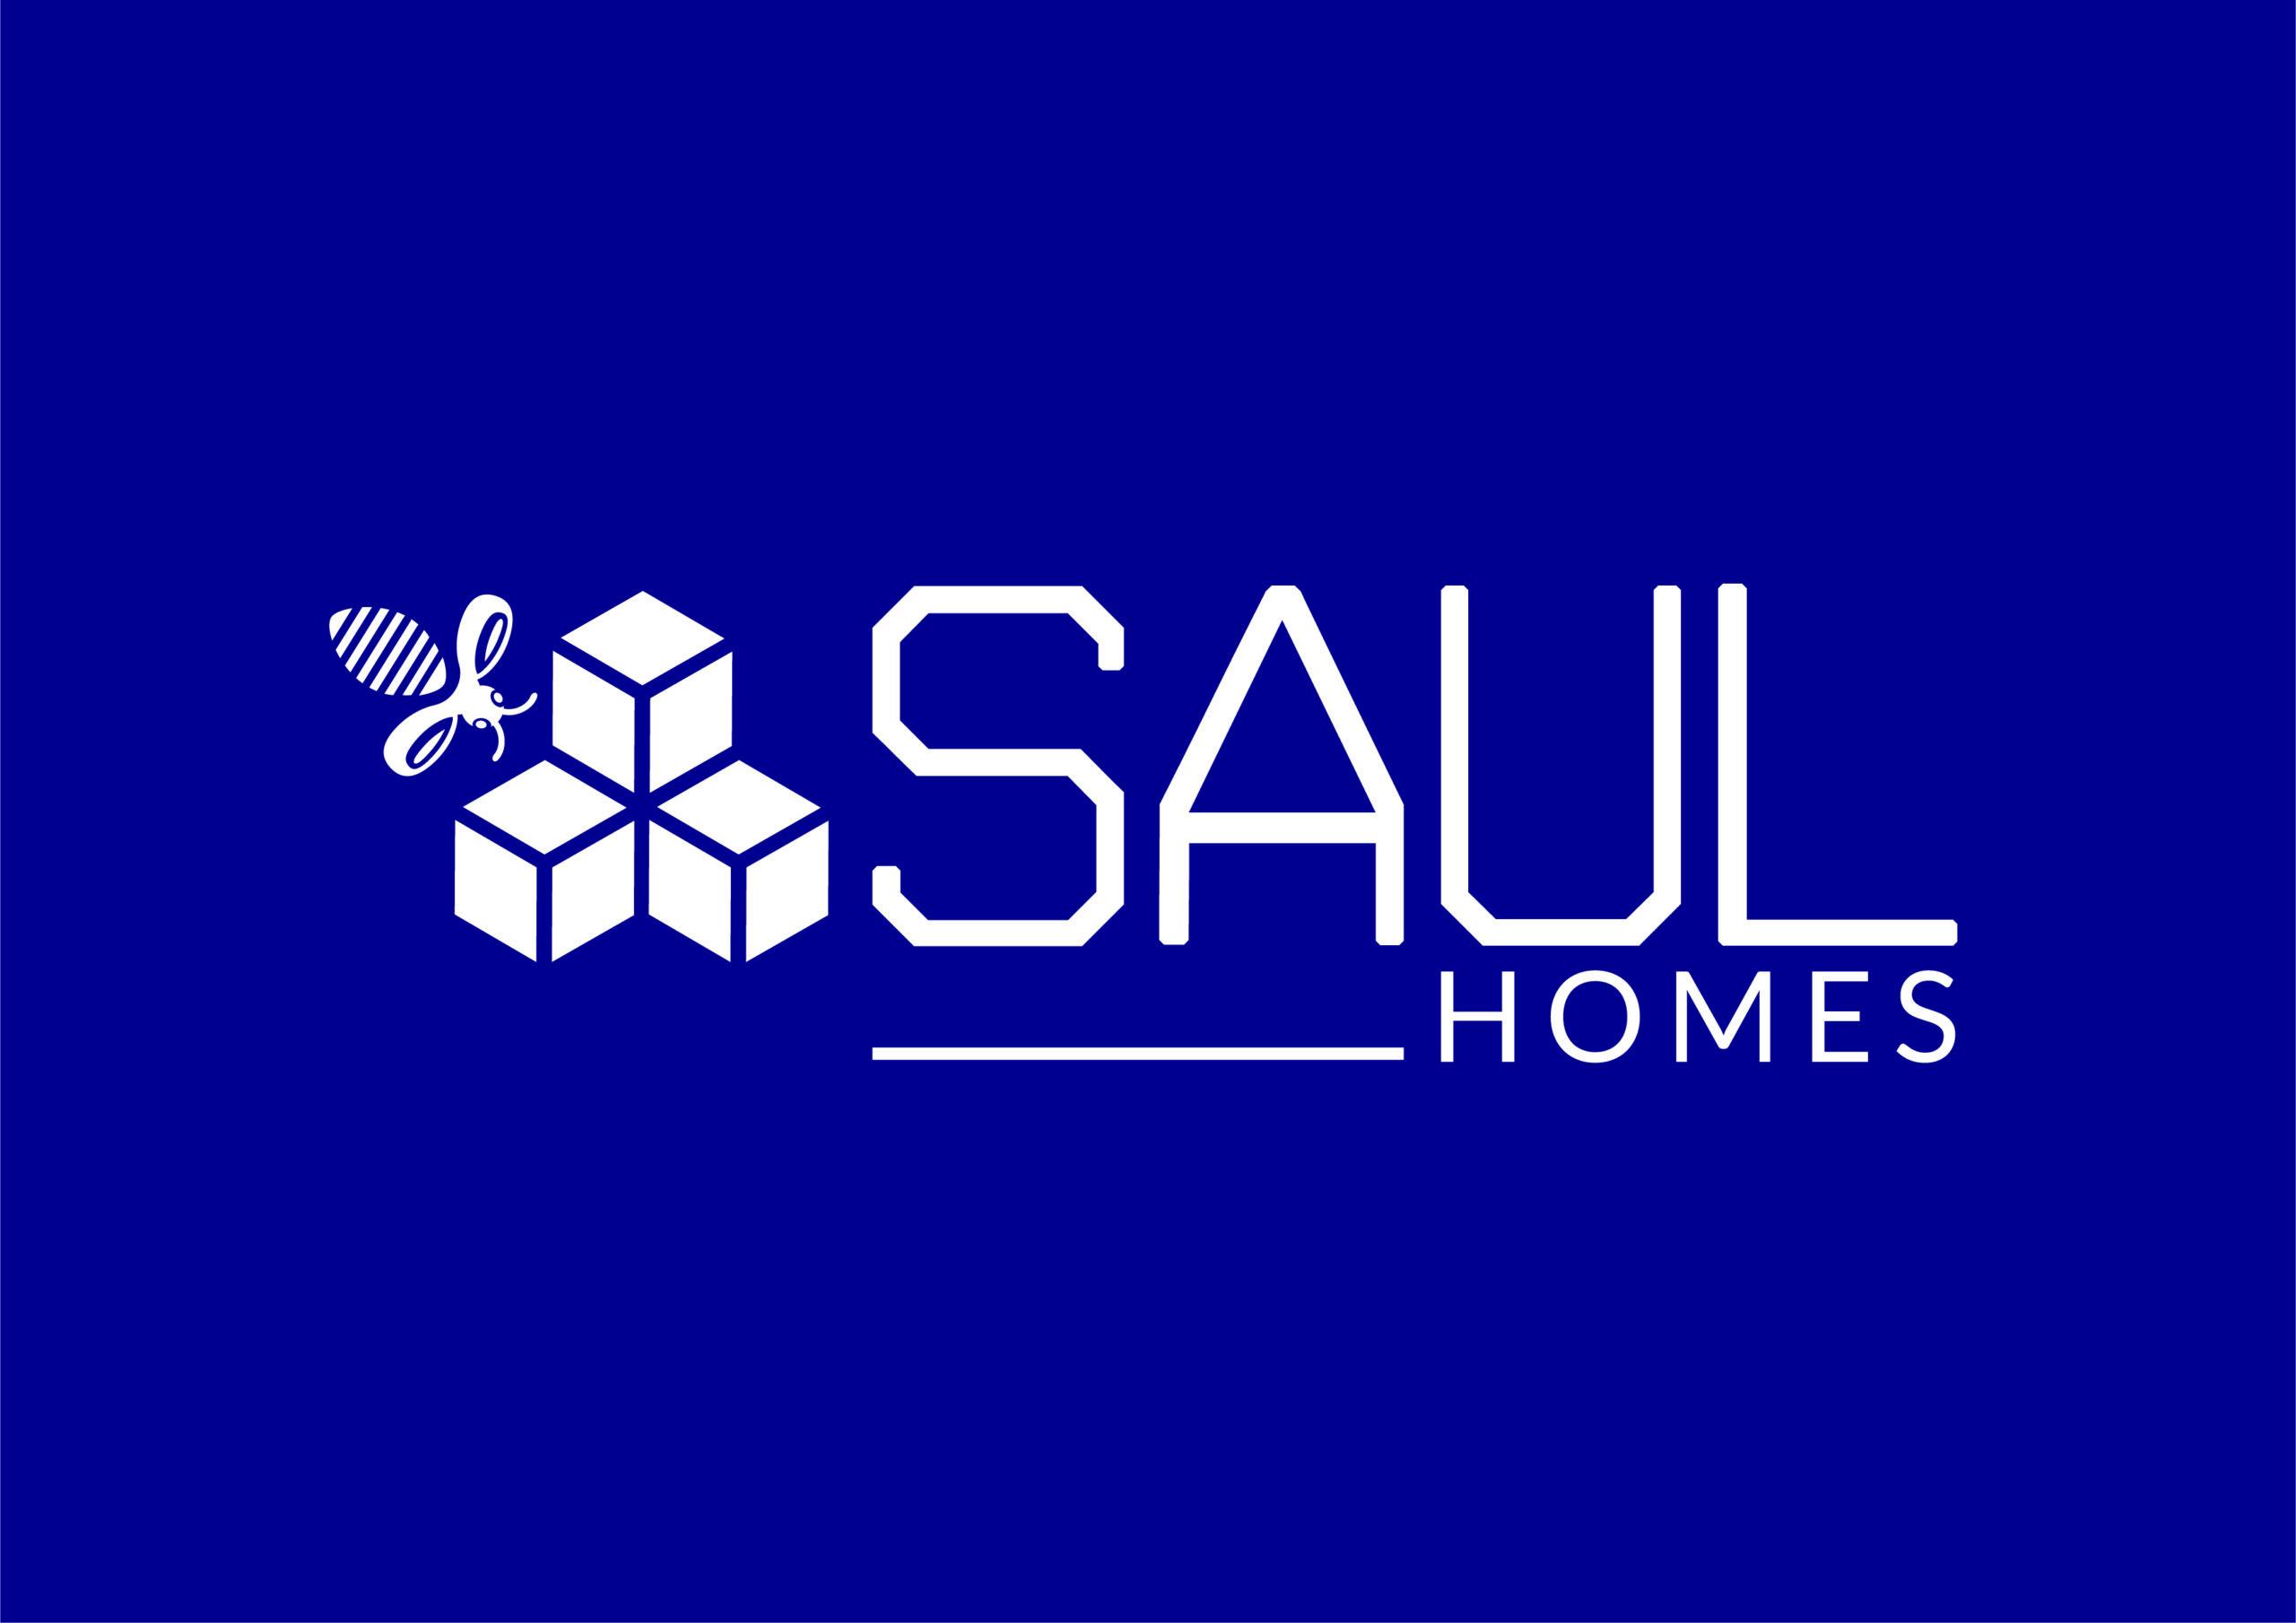 Saul Homes logo for coronavirus update